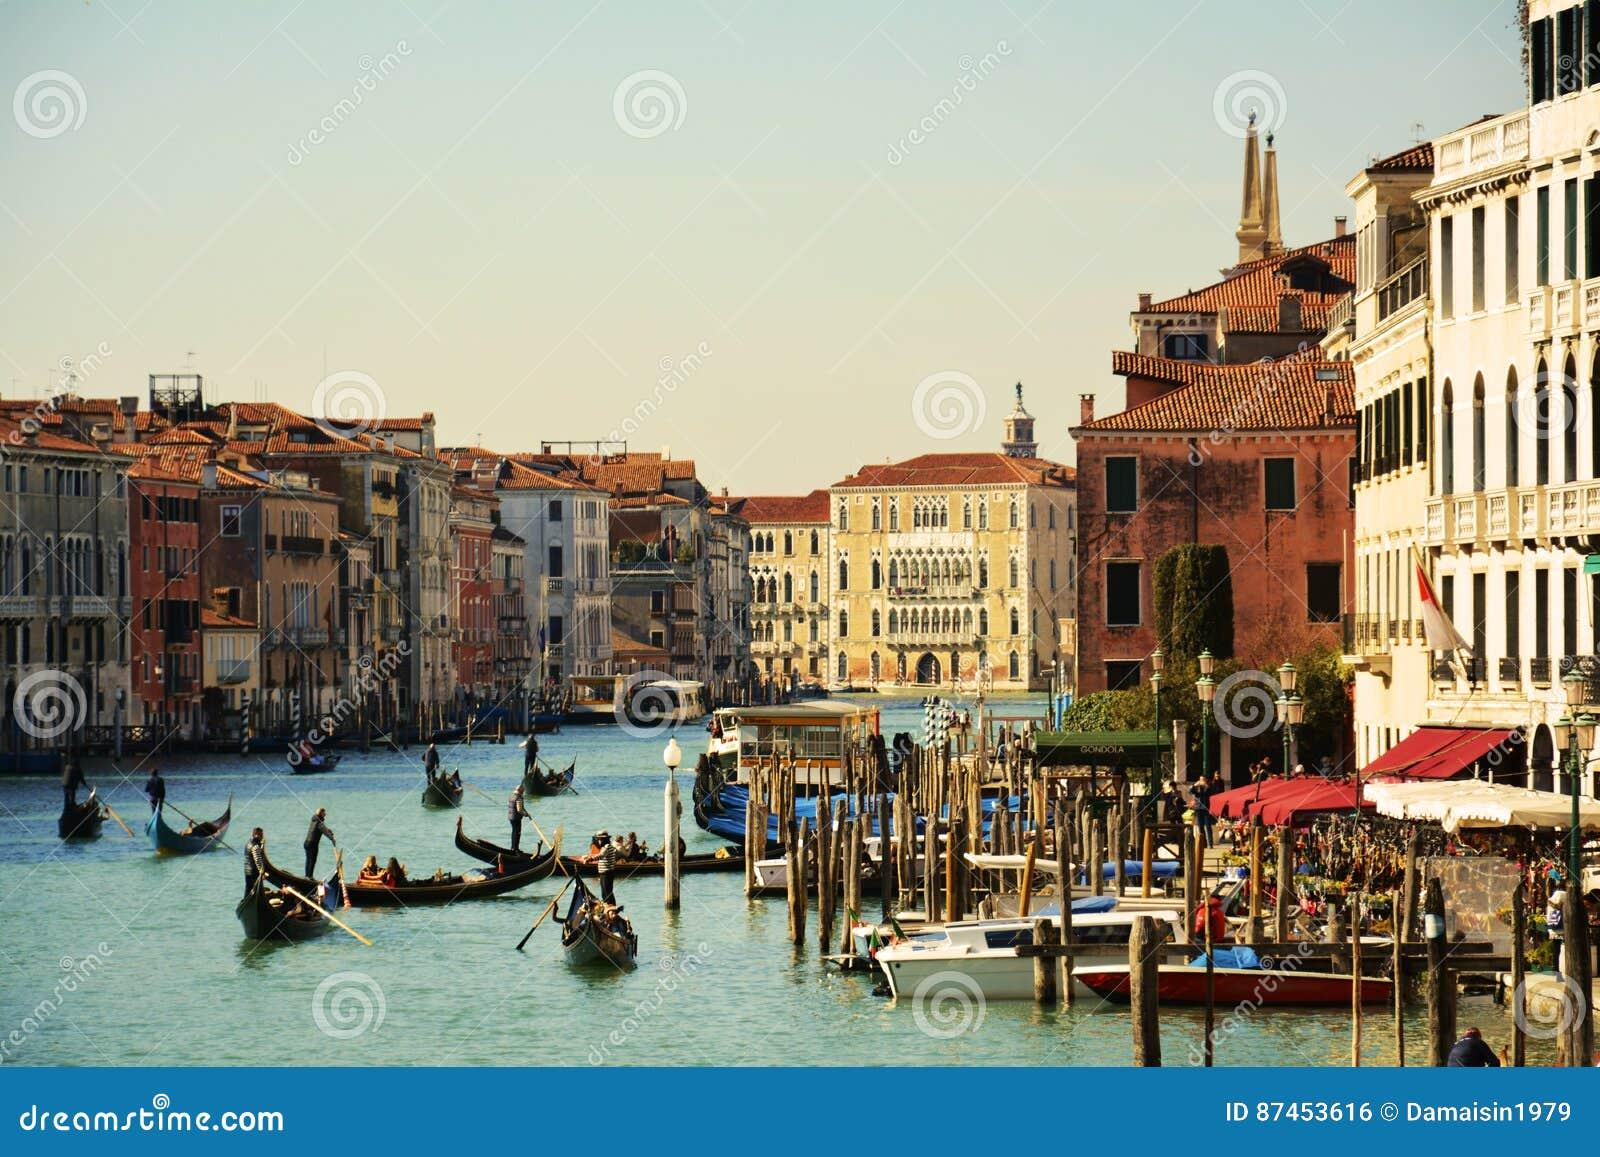 Gondolas on Grand Canal, from Rialto bridge, Venice, Italy, Europe